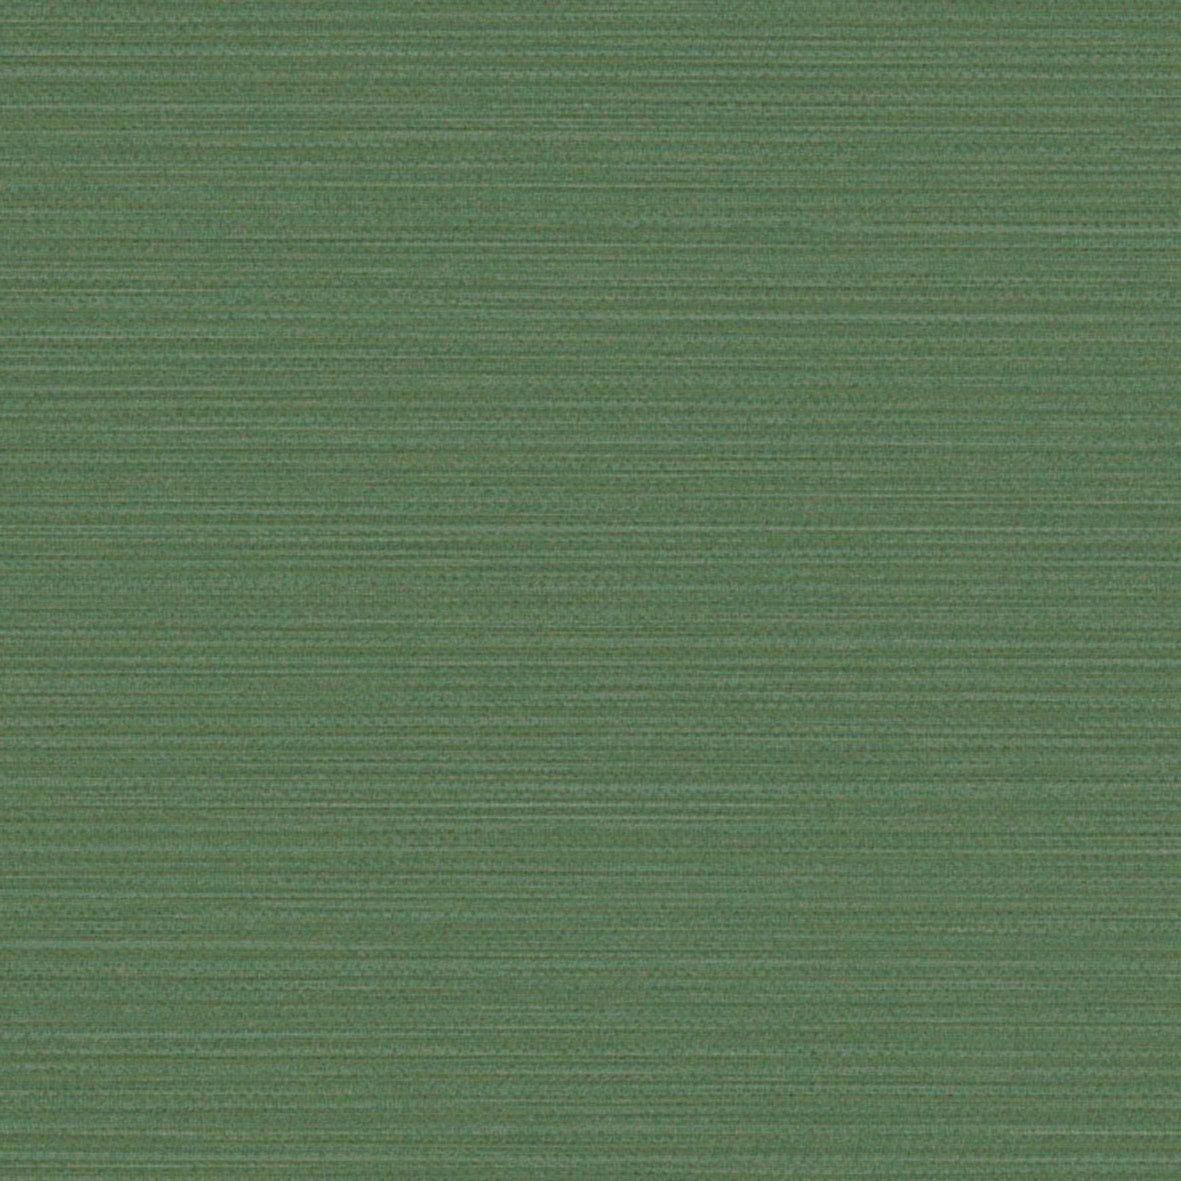 リリカラ 壁紙43m ナチュラル 織物調 グリーン 撥水トップコートComfort Selection-消臭- LW-2139 B076142HBJ 43m|グリーン